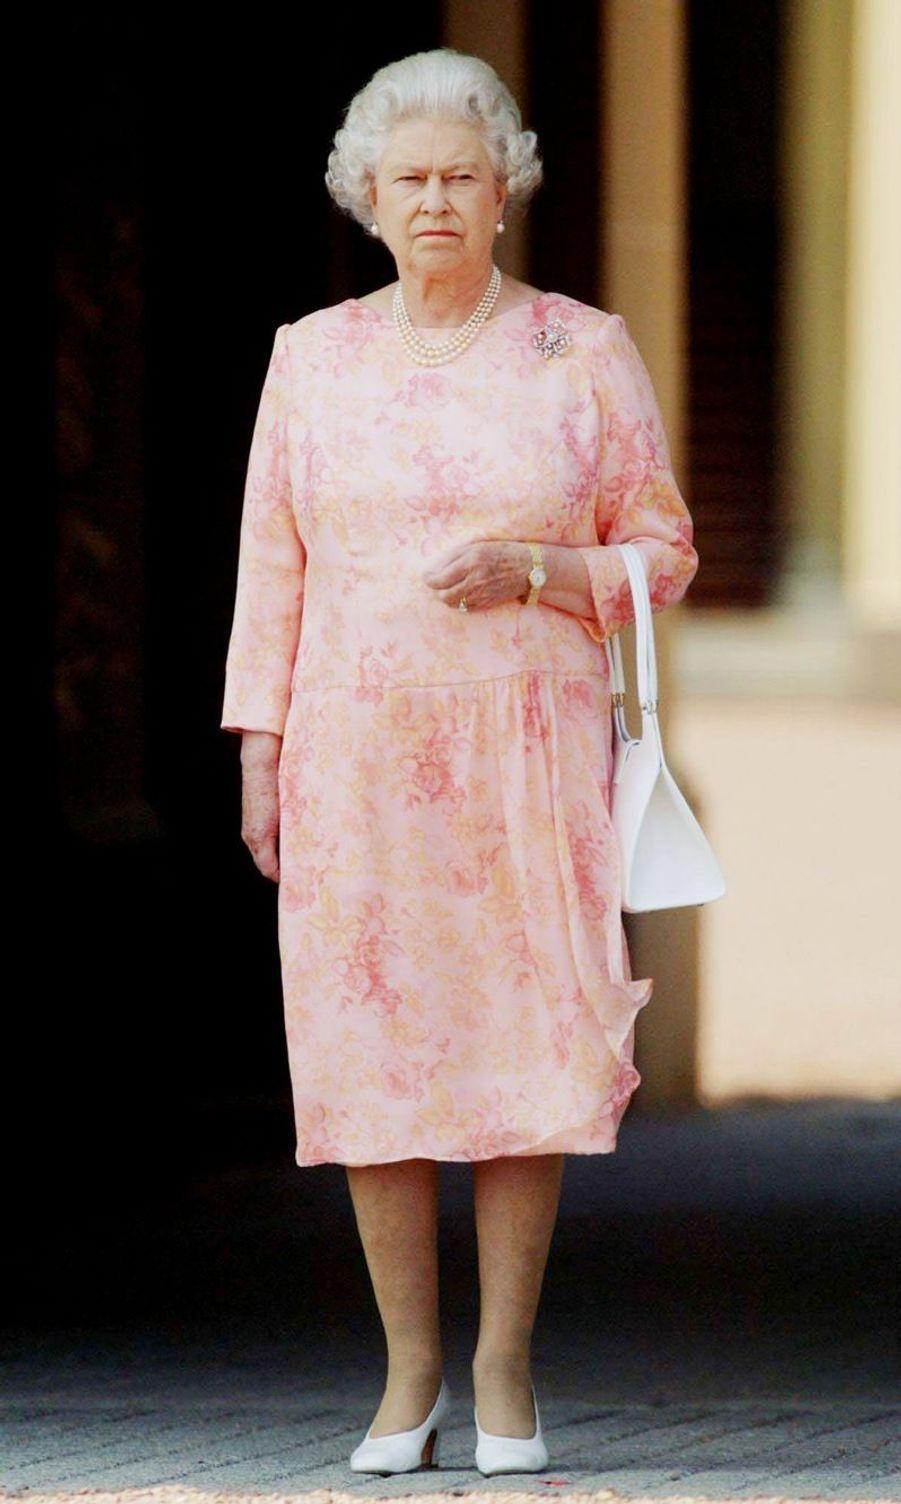 La reine Elizabeth II respecte deux minutes de silence, seule devant Buckingham, après les attentats de Londres (14 juillet 2005)